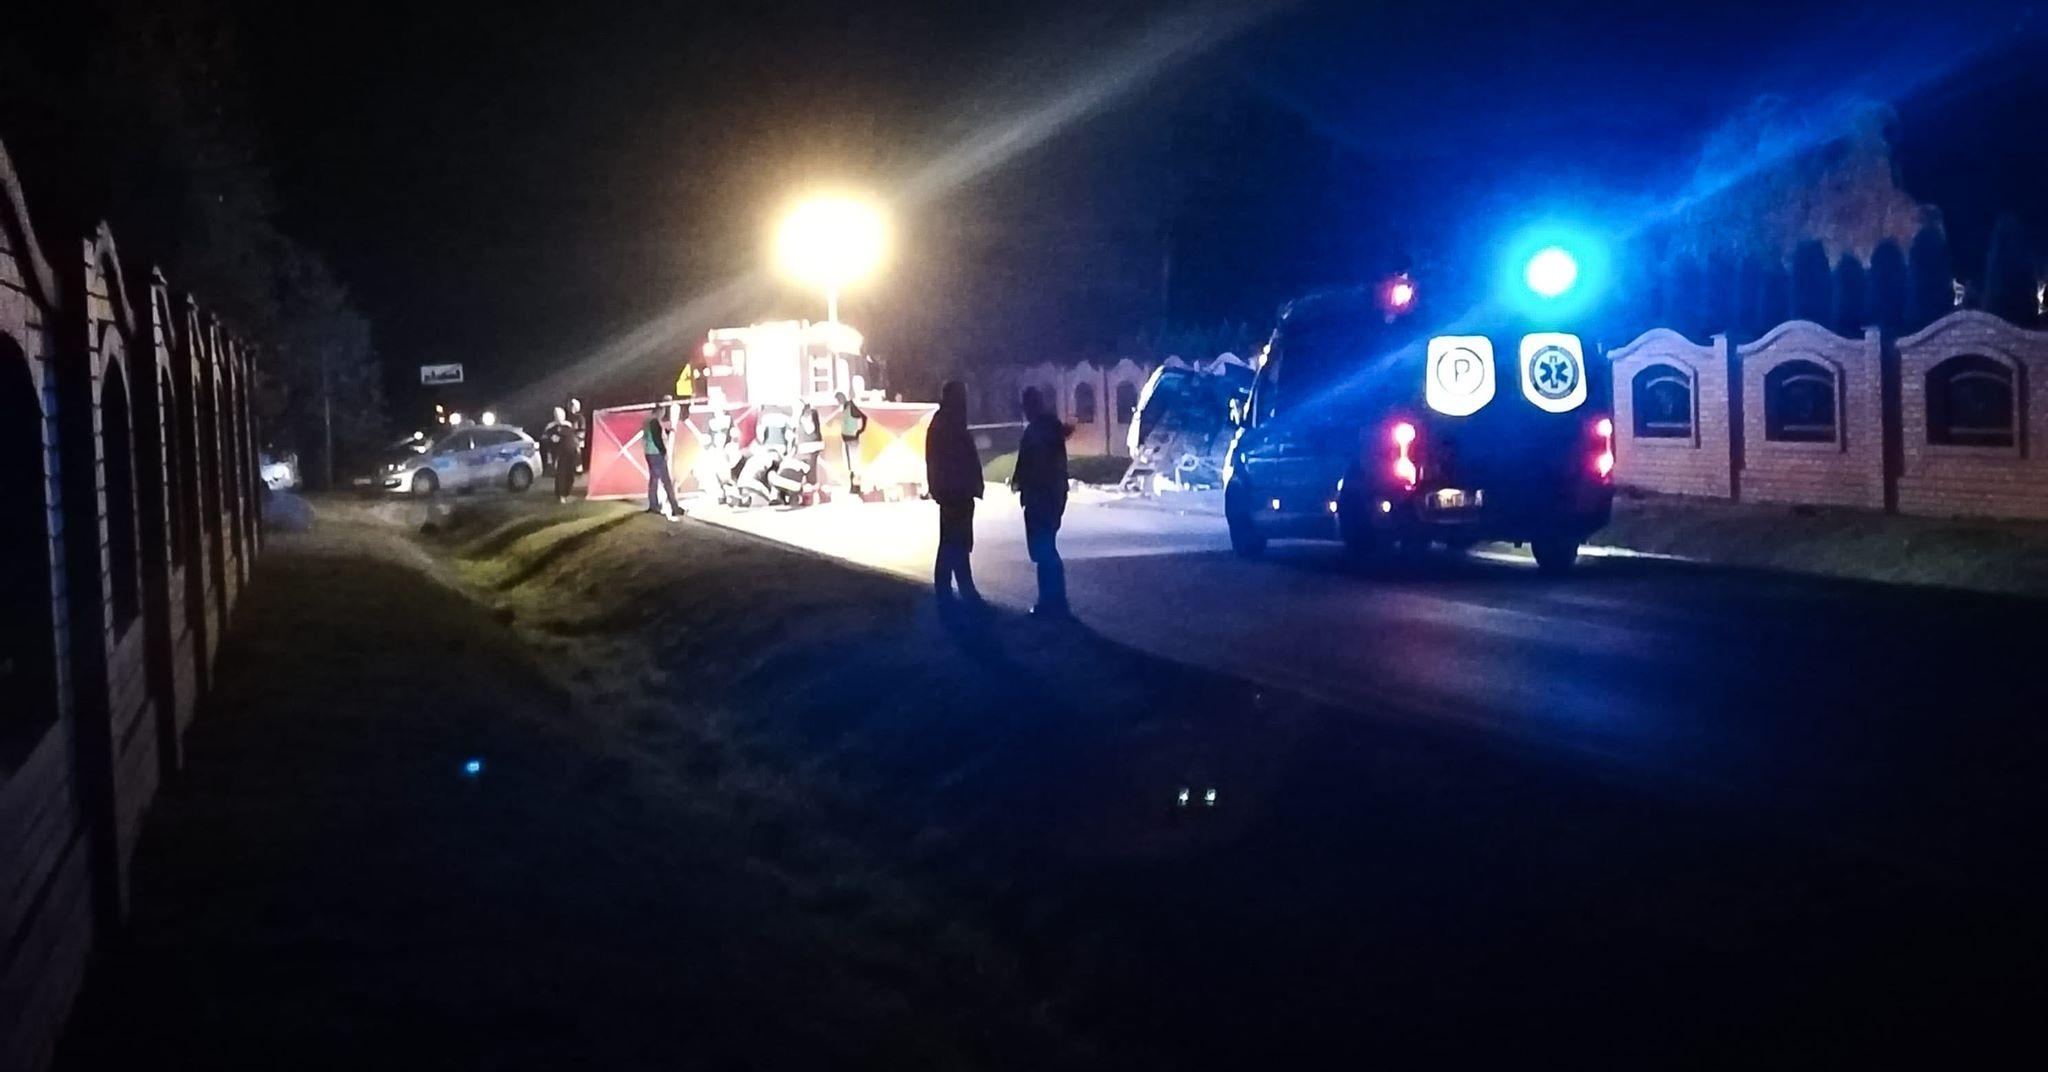 Śmiertelny wypadek w Rudzie. 18-latek nie żyje! - Zdjęcie główne